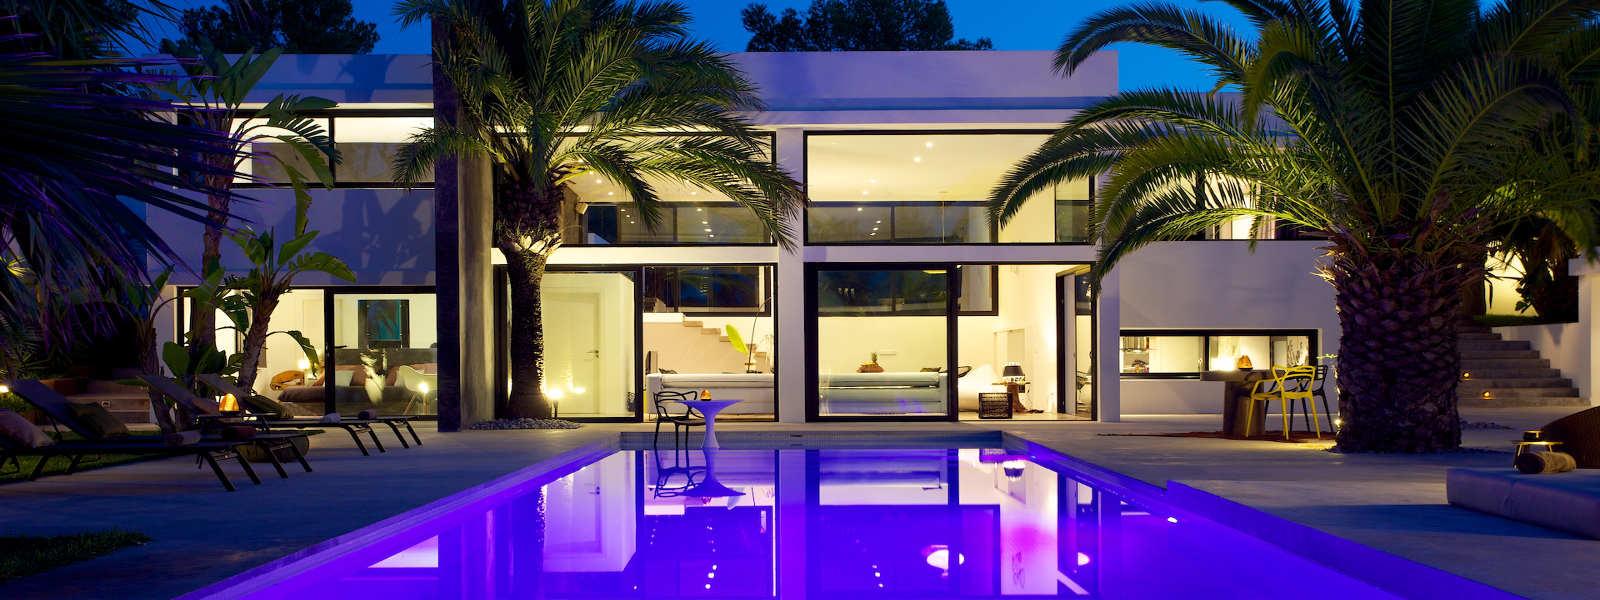 Ibiza affitto villa con piscina e giardino esotico slider for Ville moderne con piscina